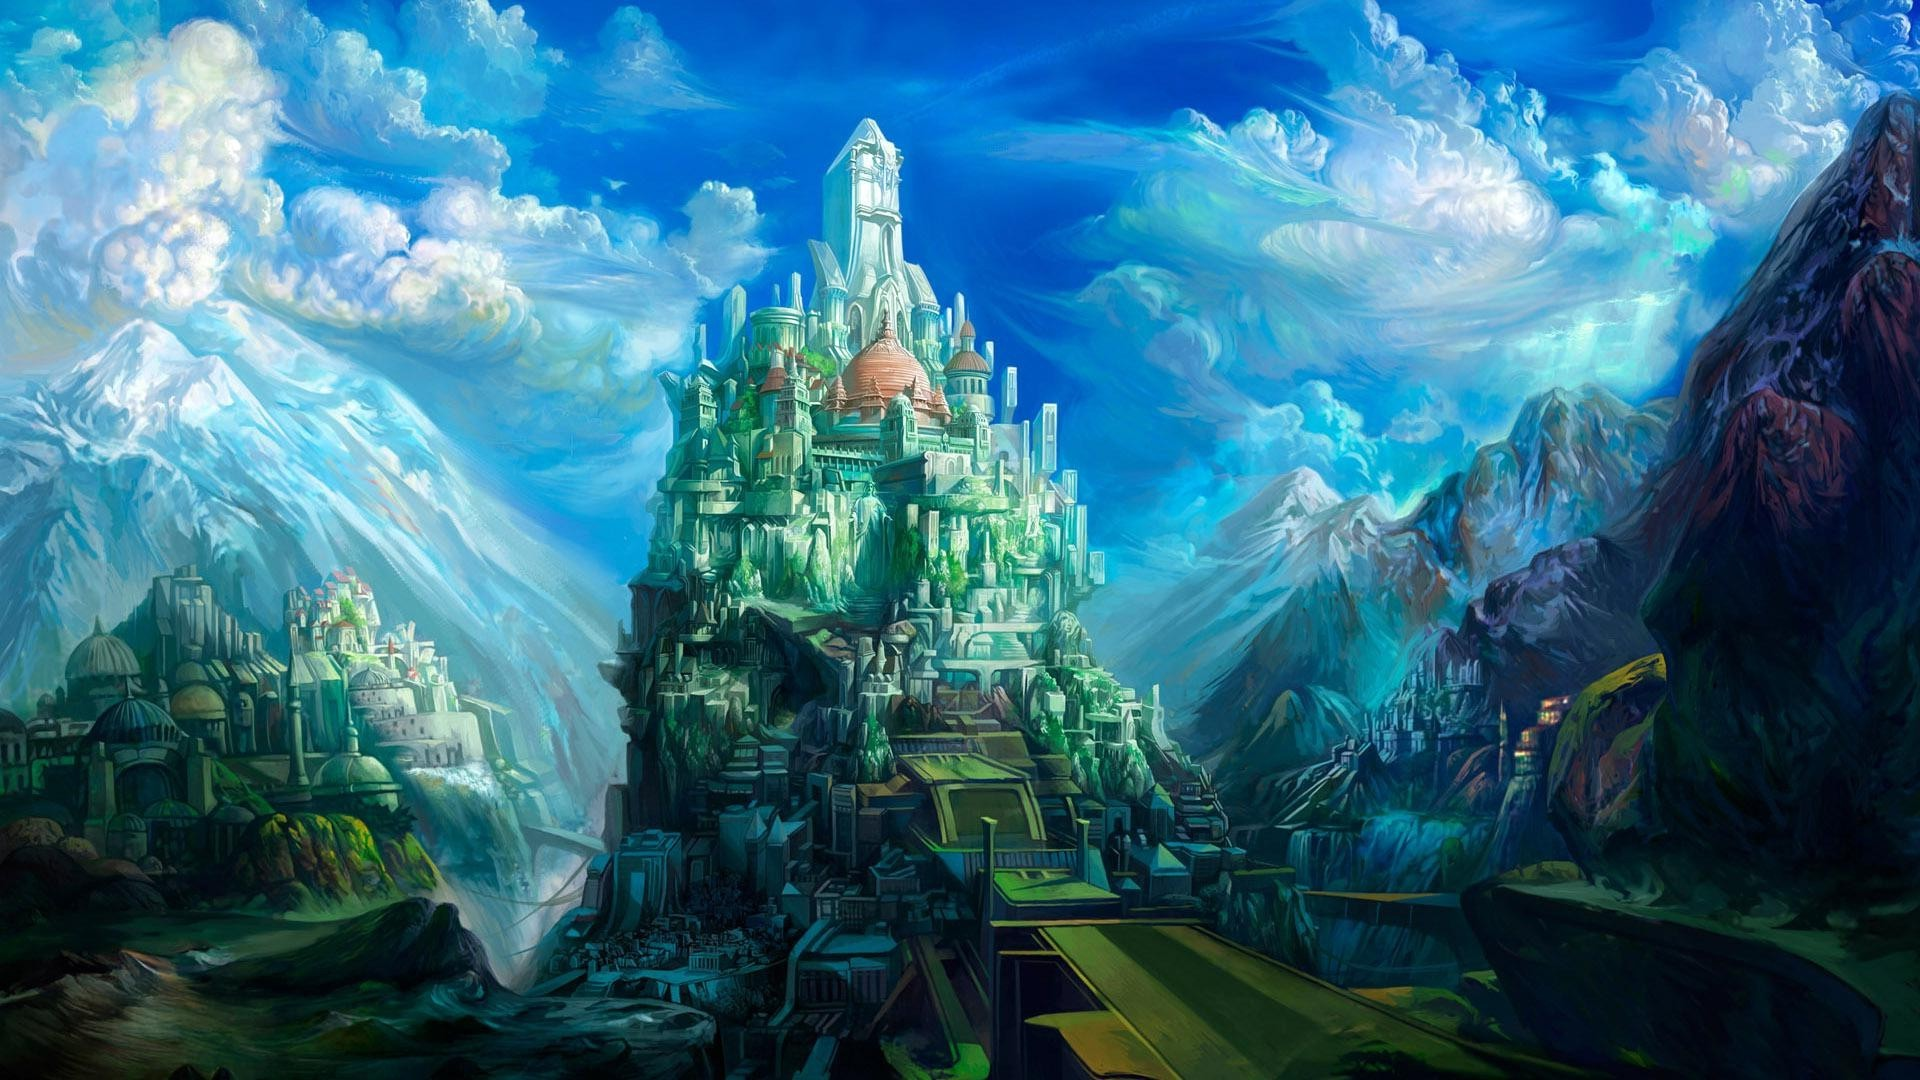 Сказочные дворцы обои на рабочий стол